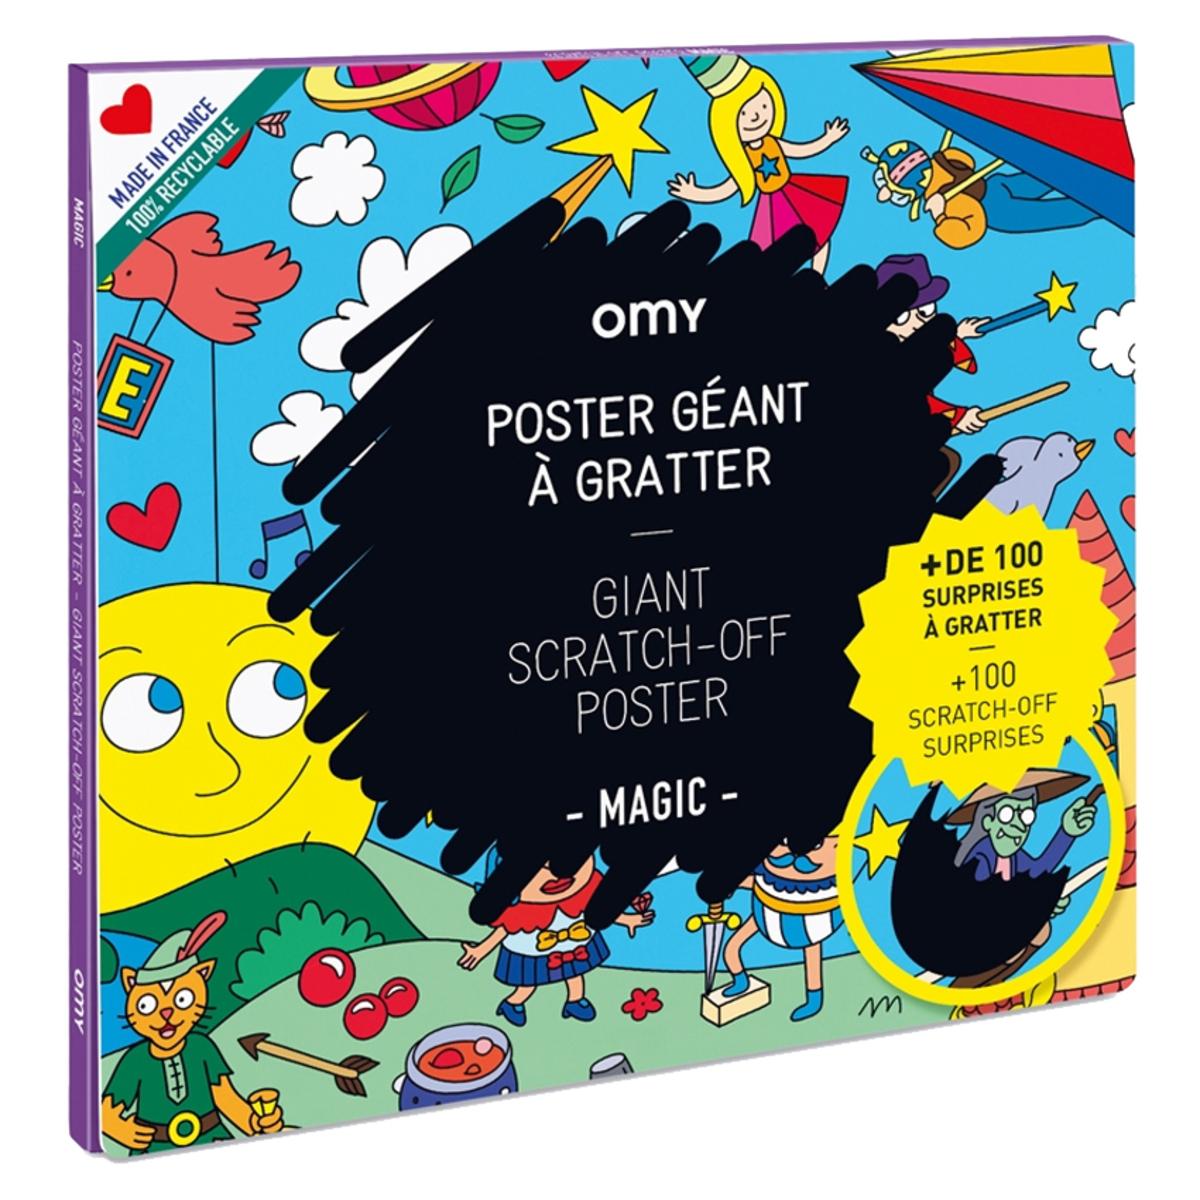 Livre & Carte Poster Géant à Gratter - Magic Poster Géant à Gratter - Magic